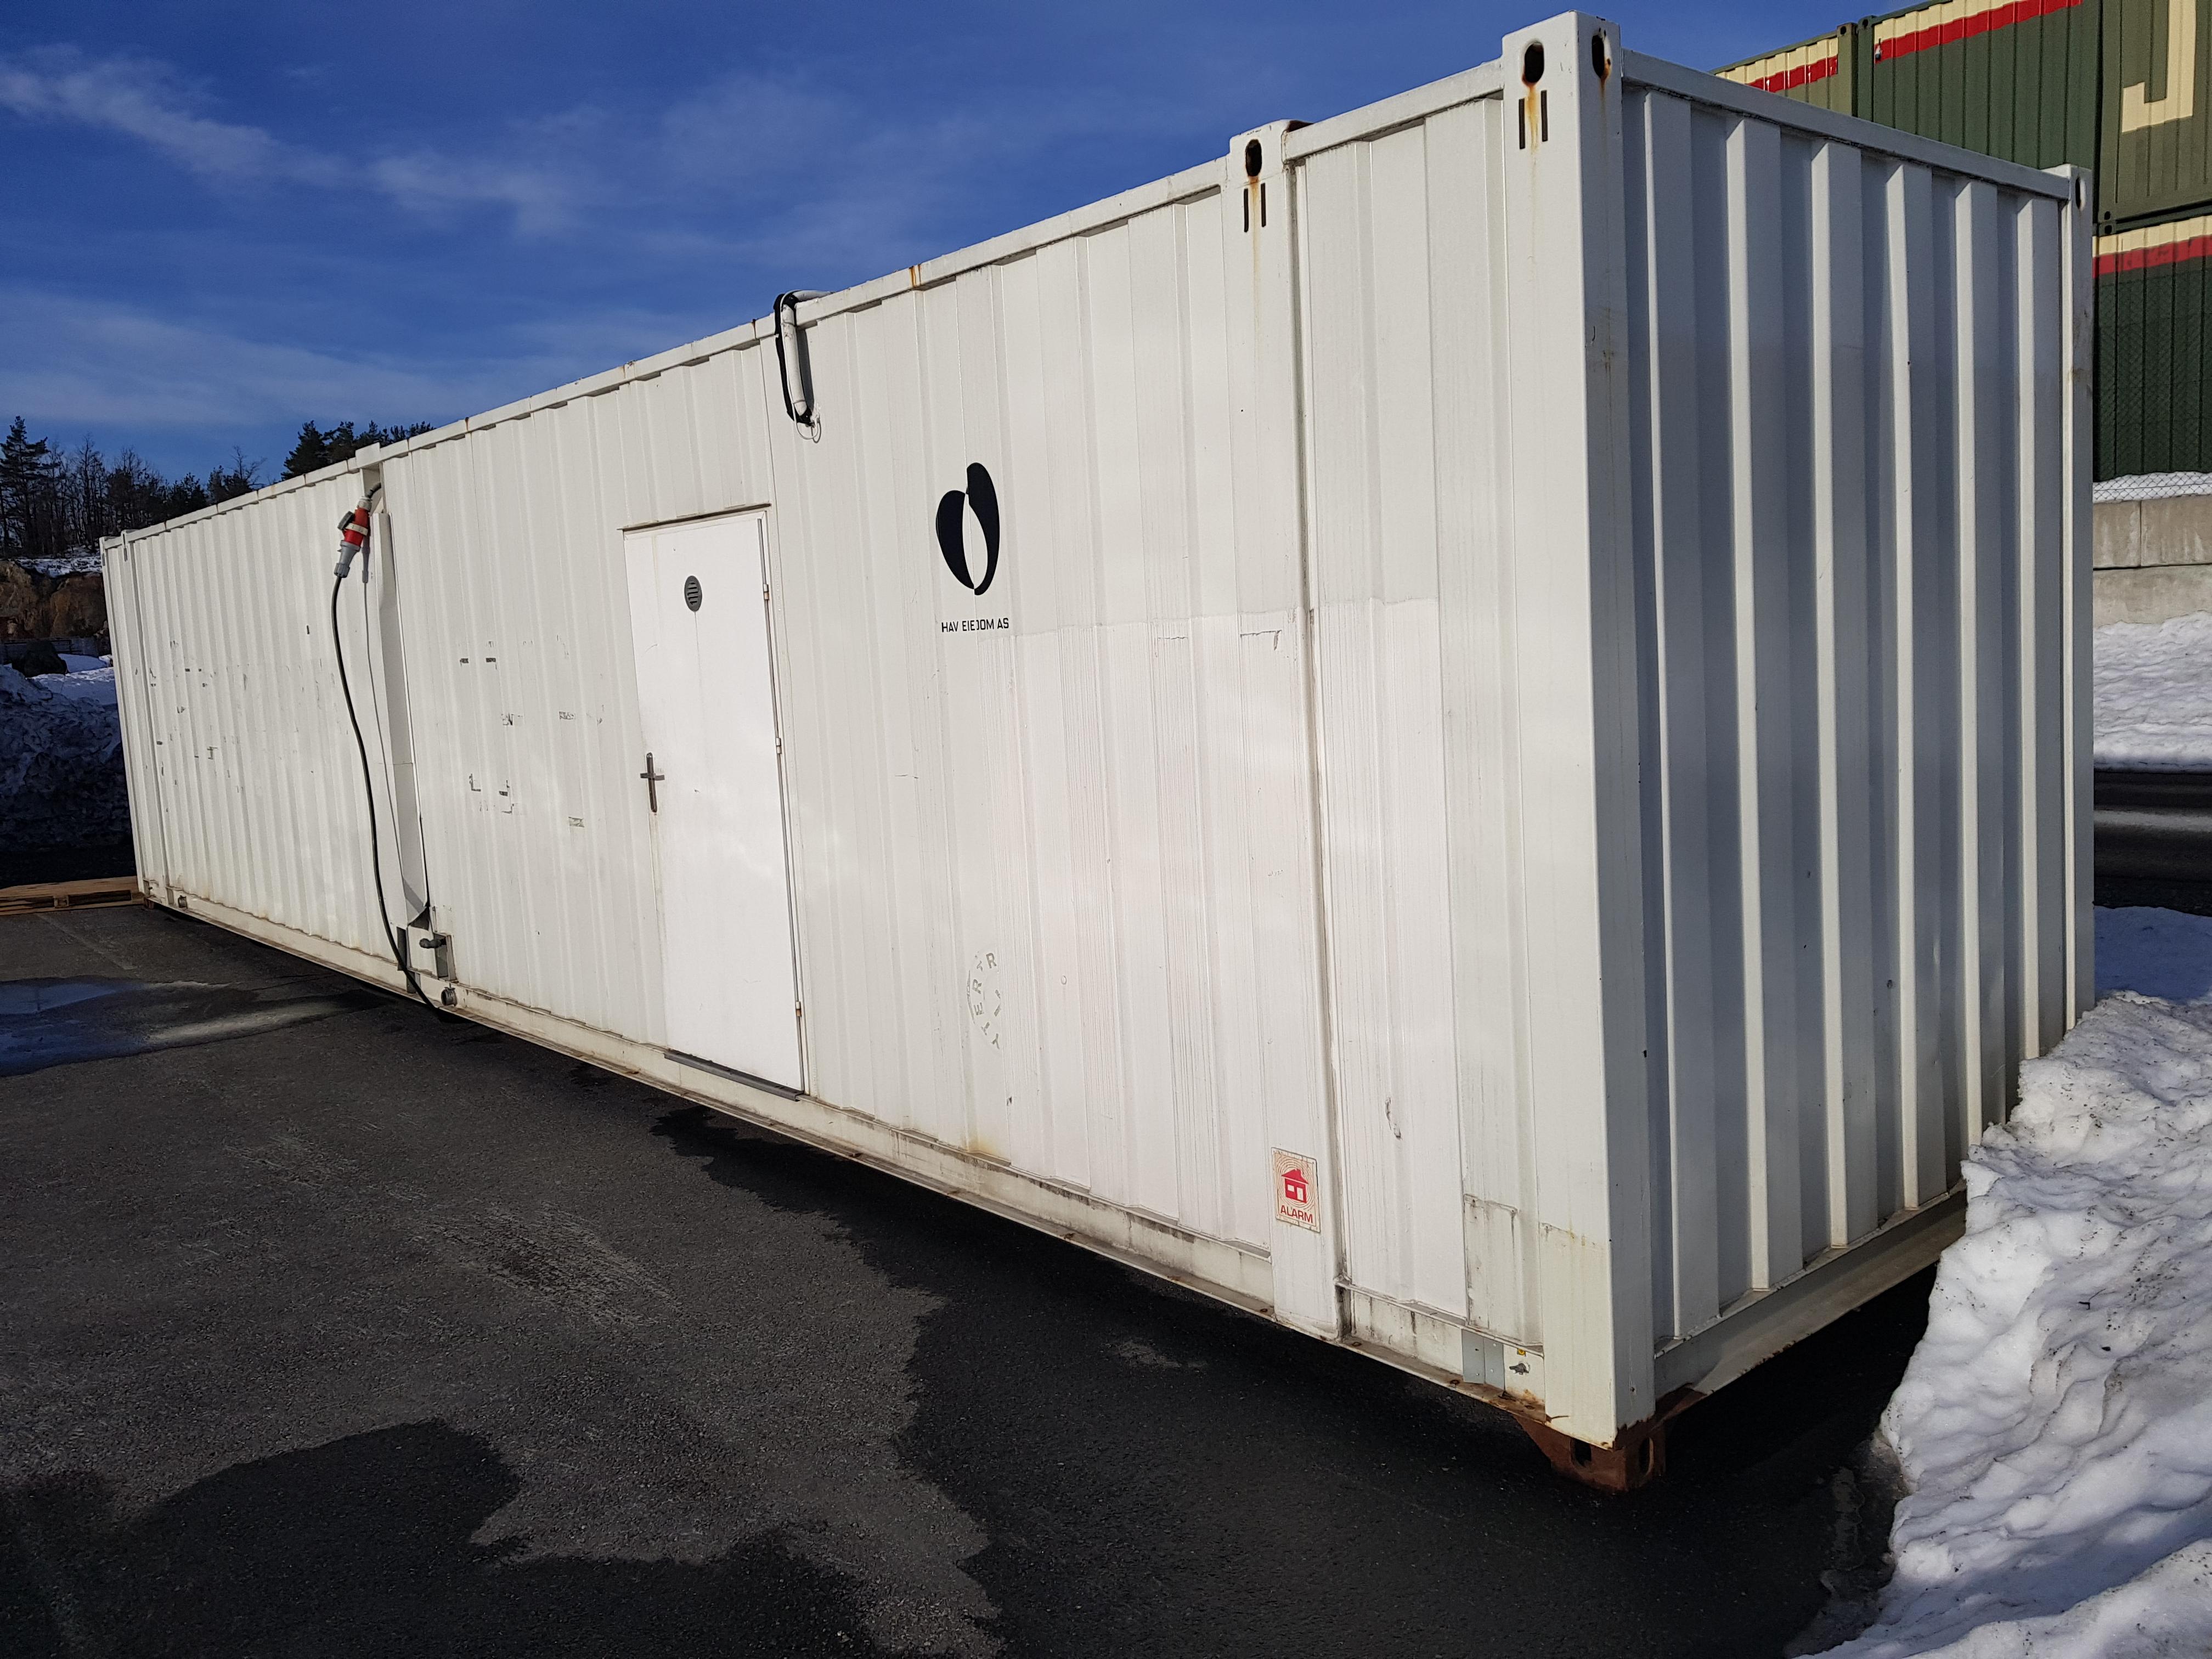 Kjøkken Container til teltet!